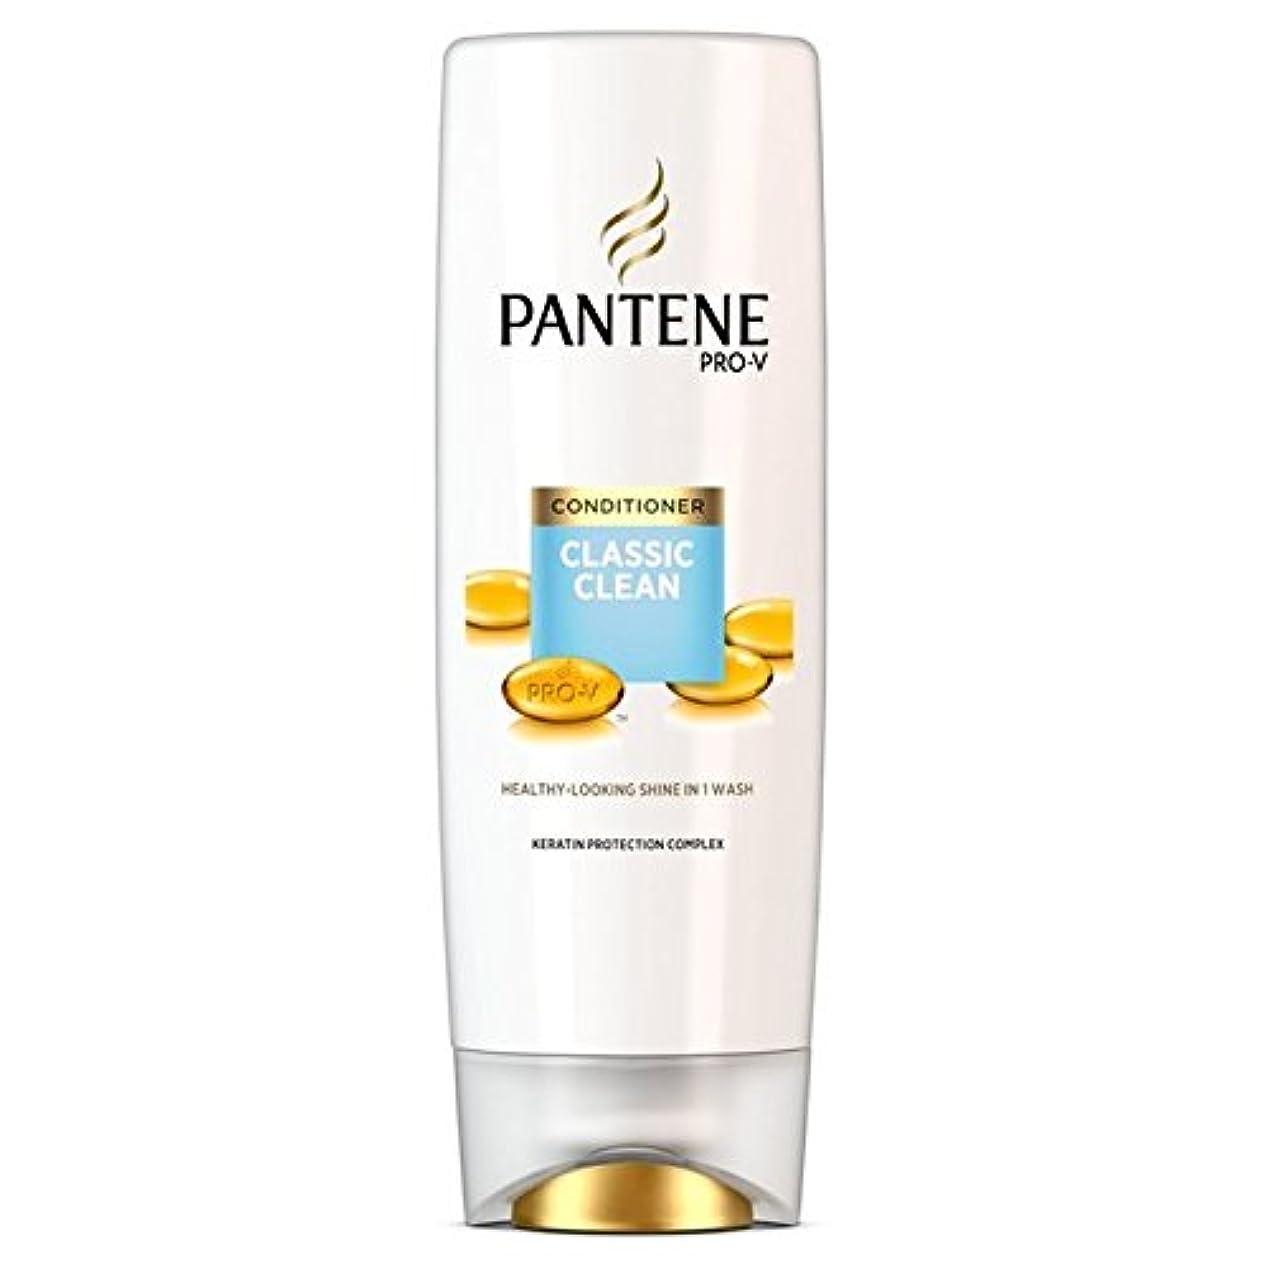 太平洋諸島絡み合い狼Pantene Classic Clean Conditioner 360ml (Pack of 6) - パンテーン古典的なクリーンコンディショナー360ミリリットル x6 [並行輸入品]